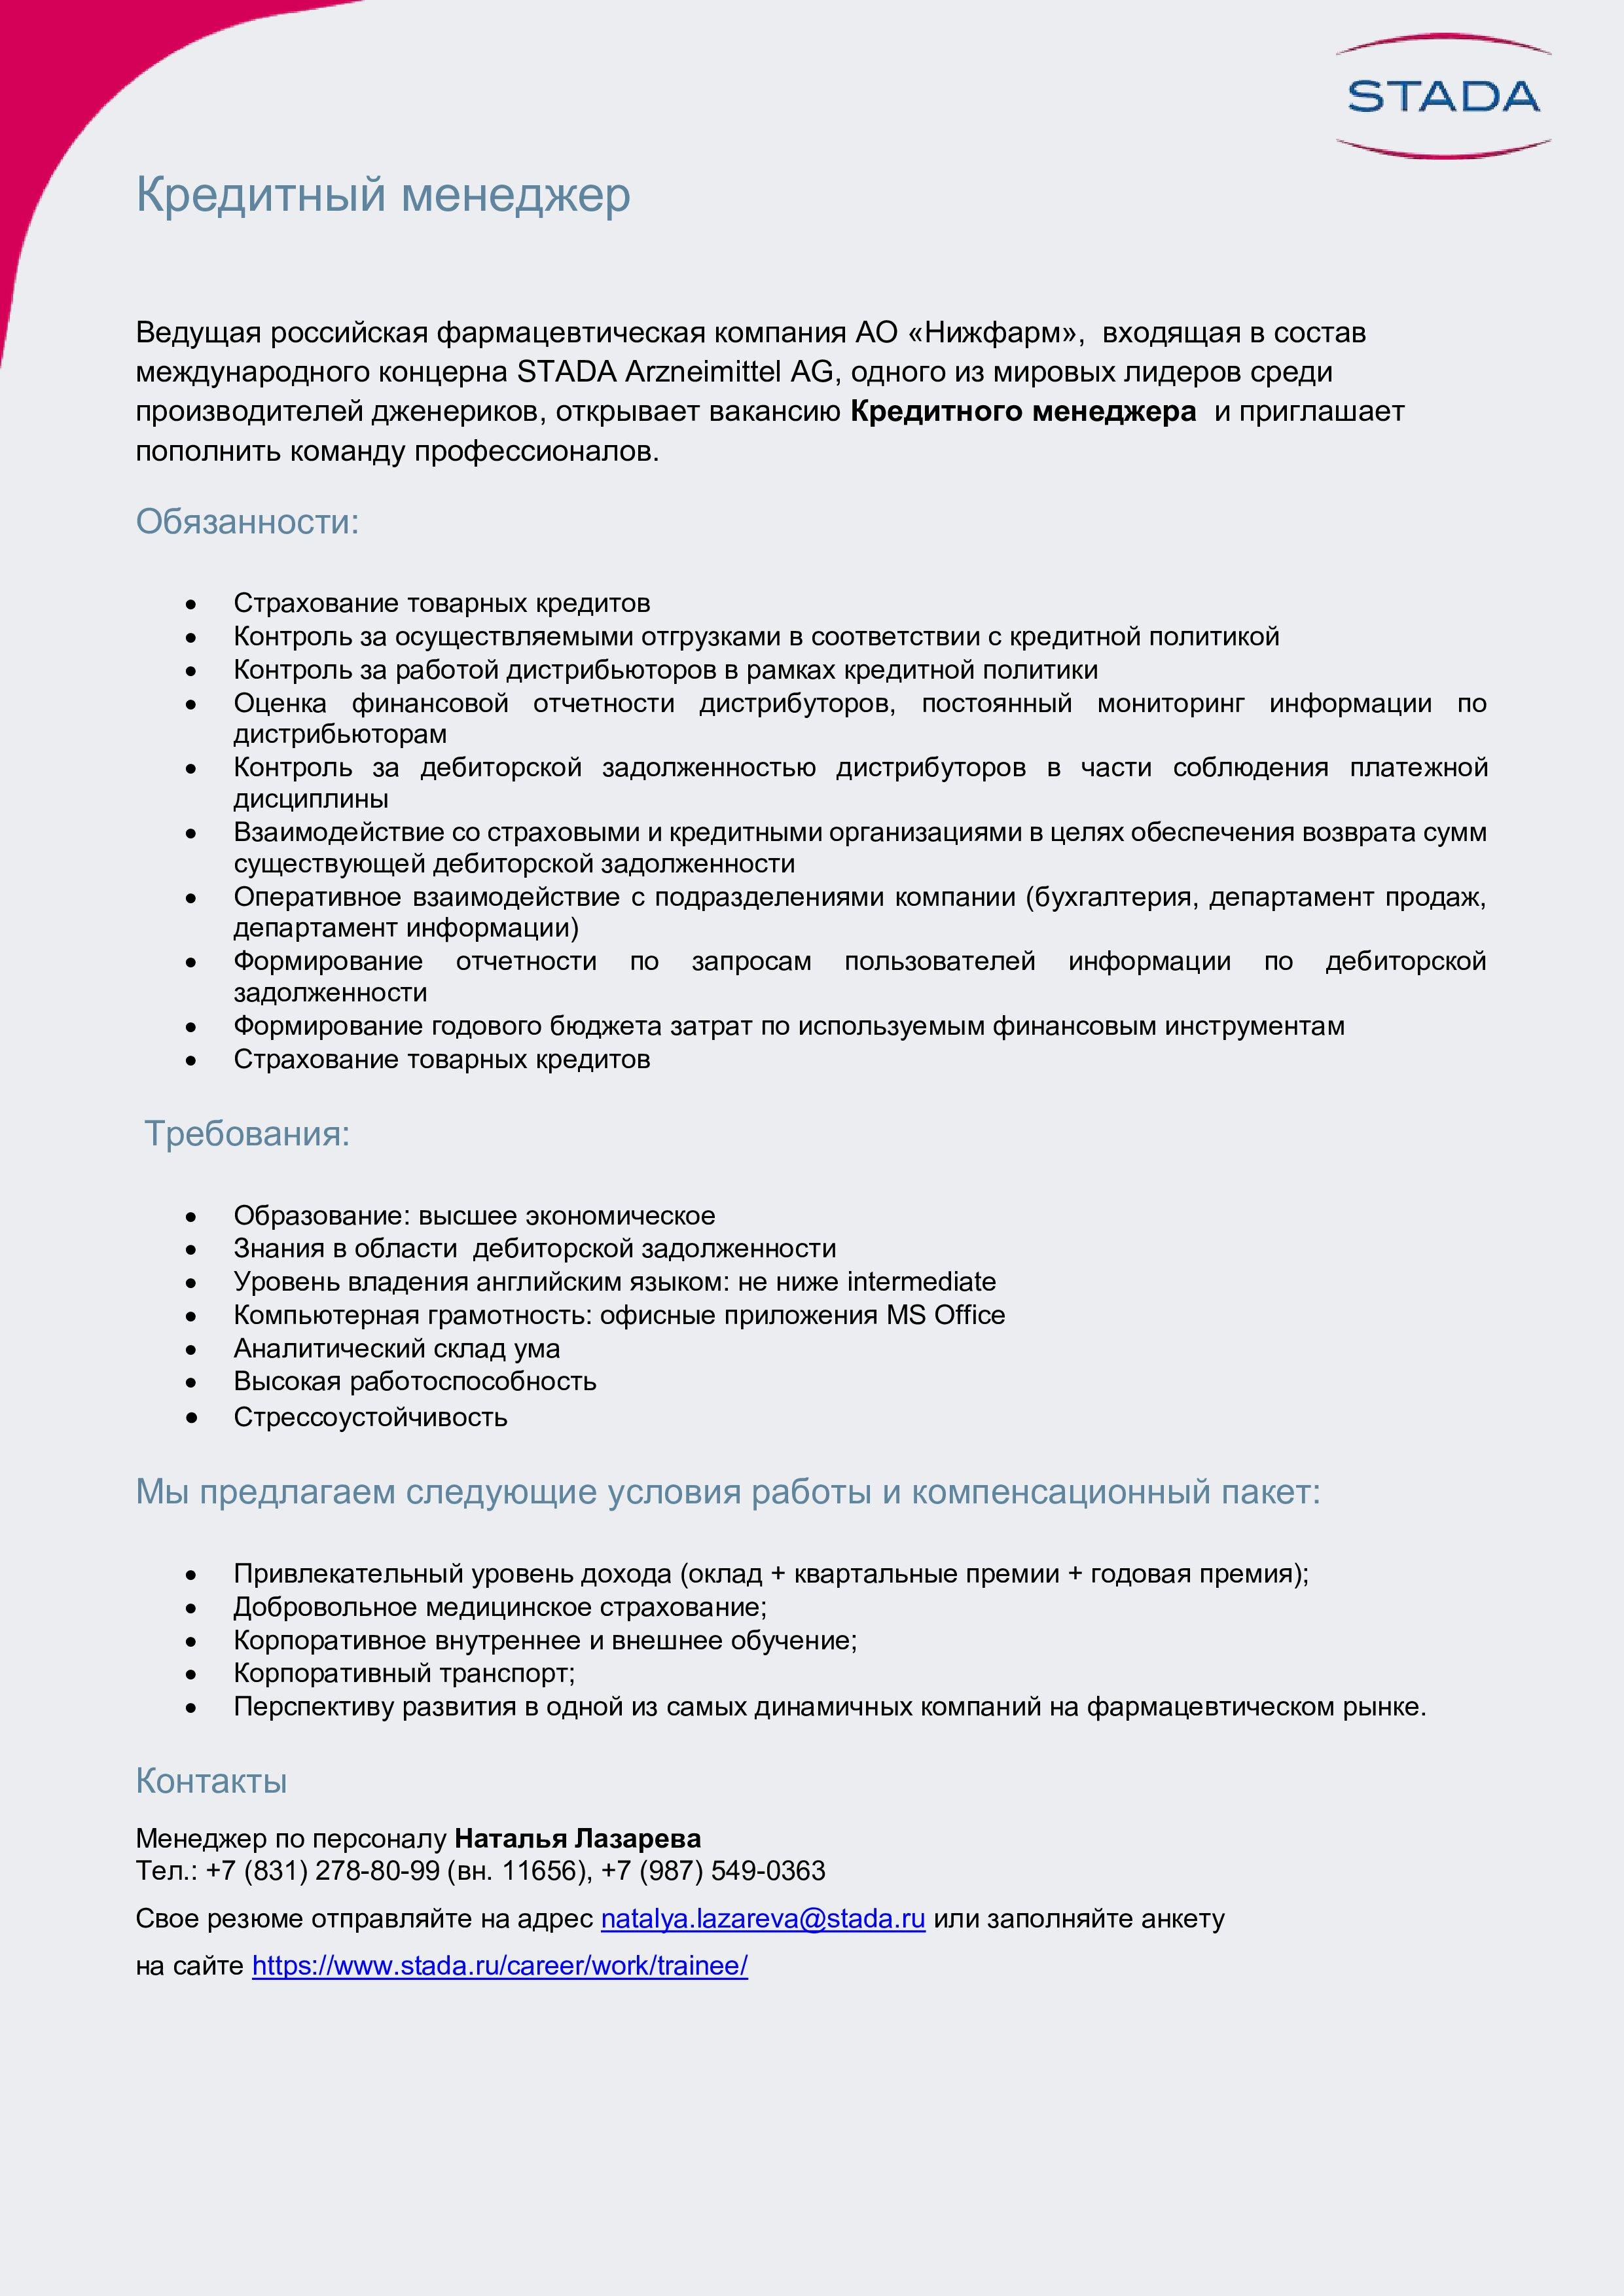 Вакансия _Кредитный менеджер_11.12.18_18